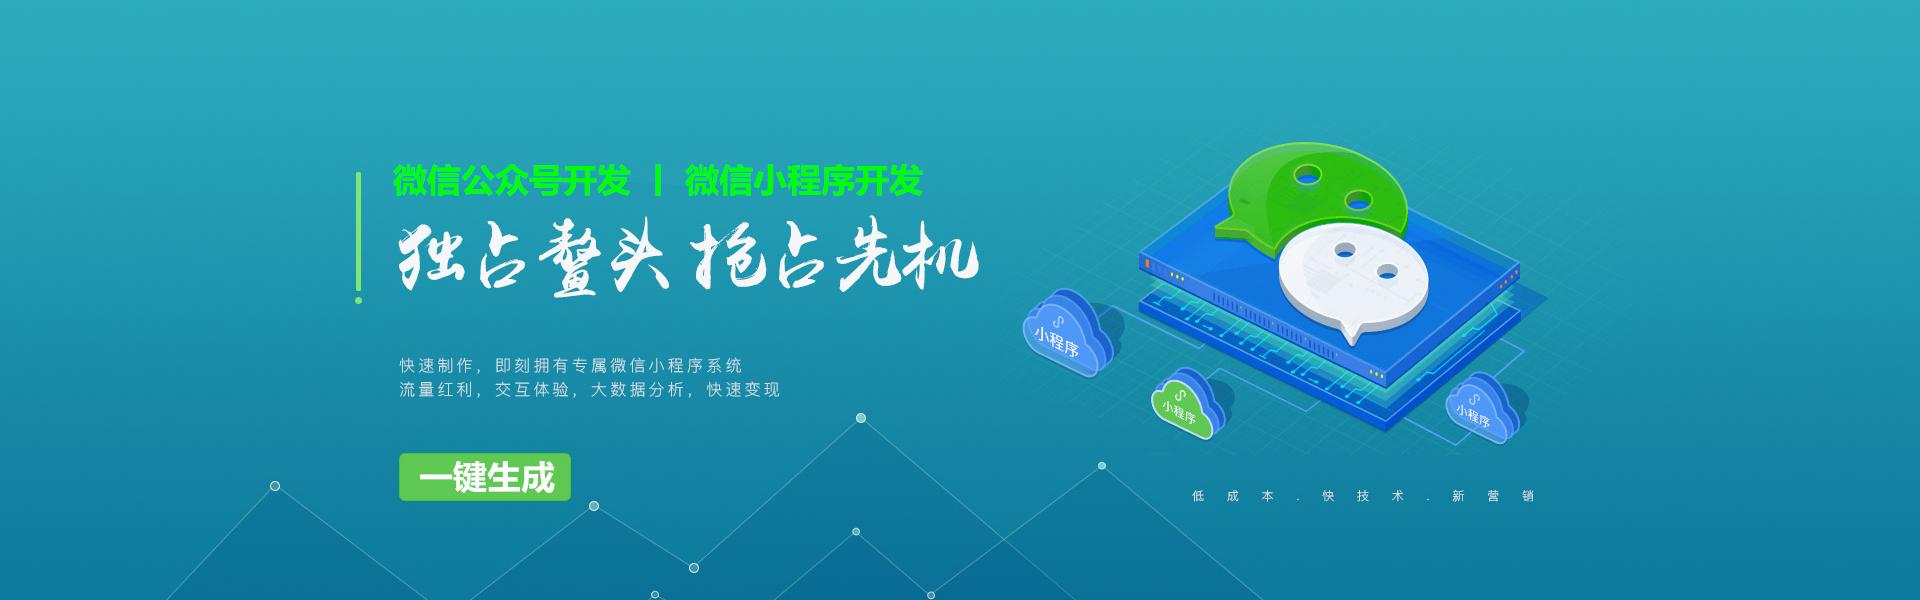 云南启搜网络推广系统,让客户主动找到你!